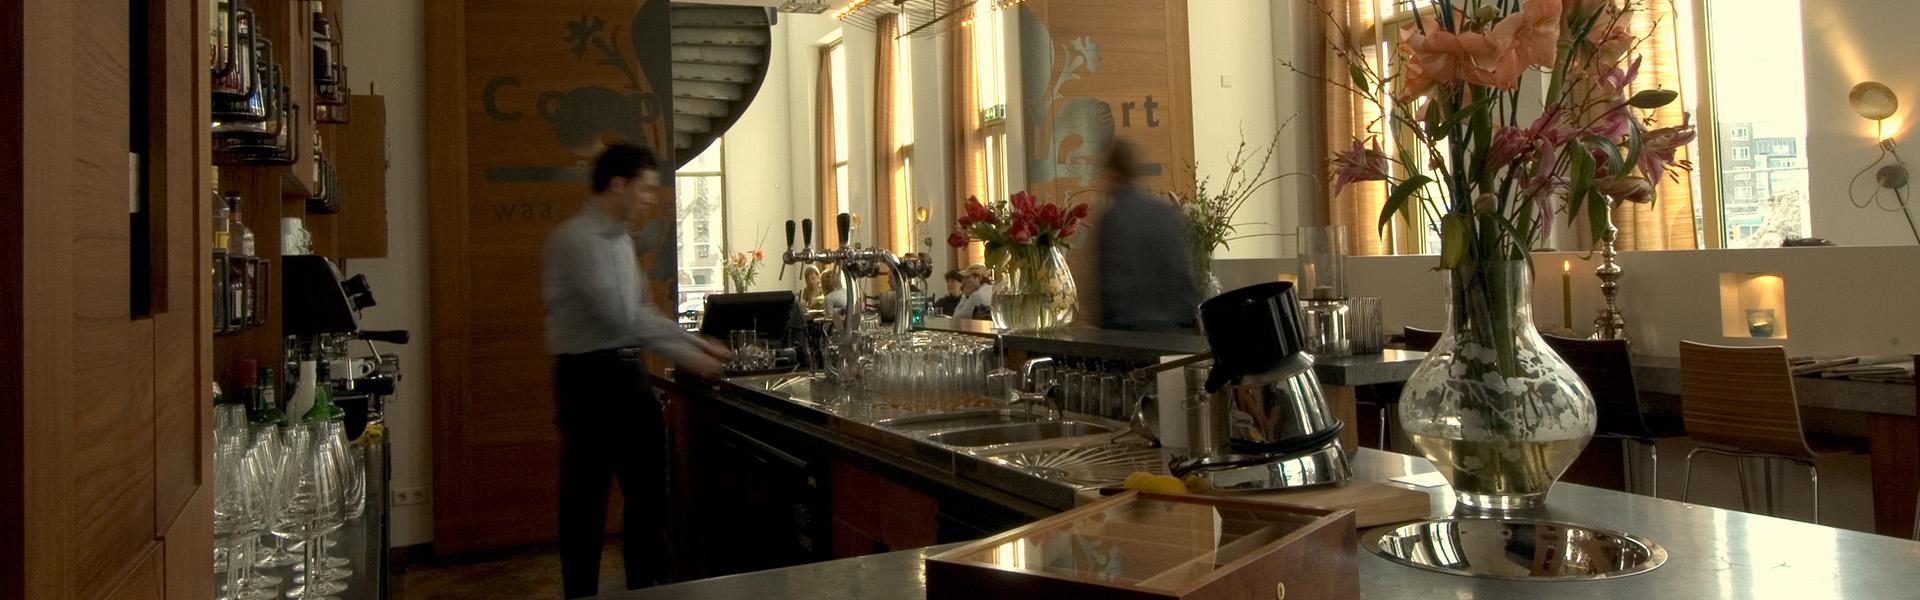 Restaurant De Coopvaert Rotterdam - bar